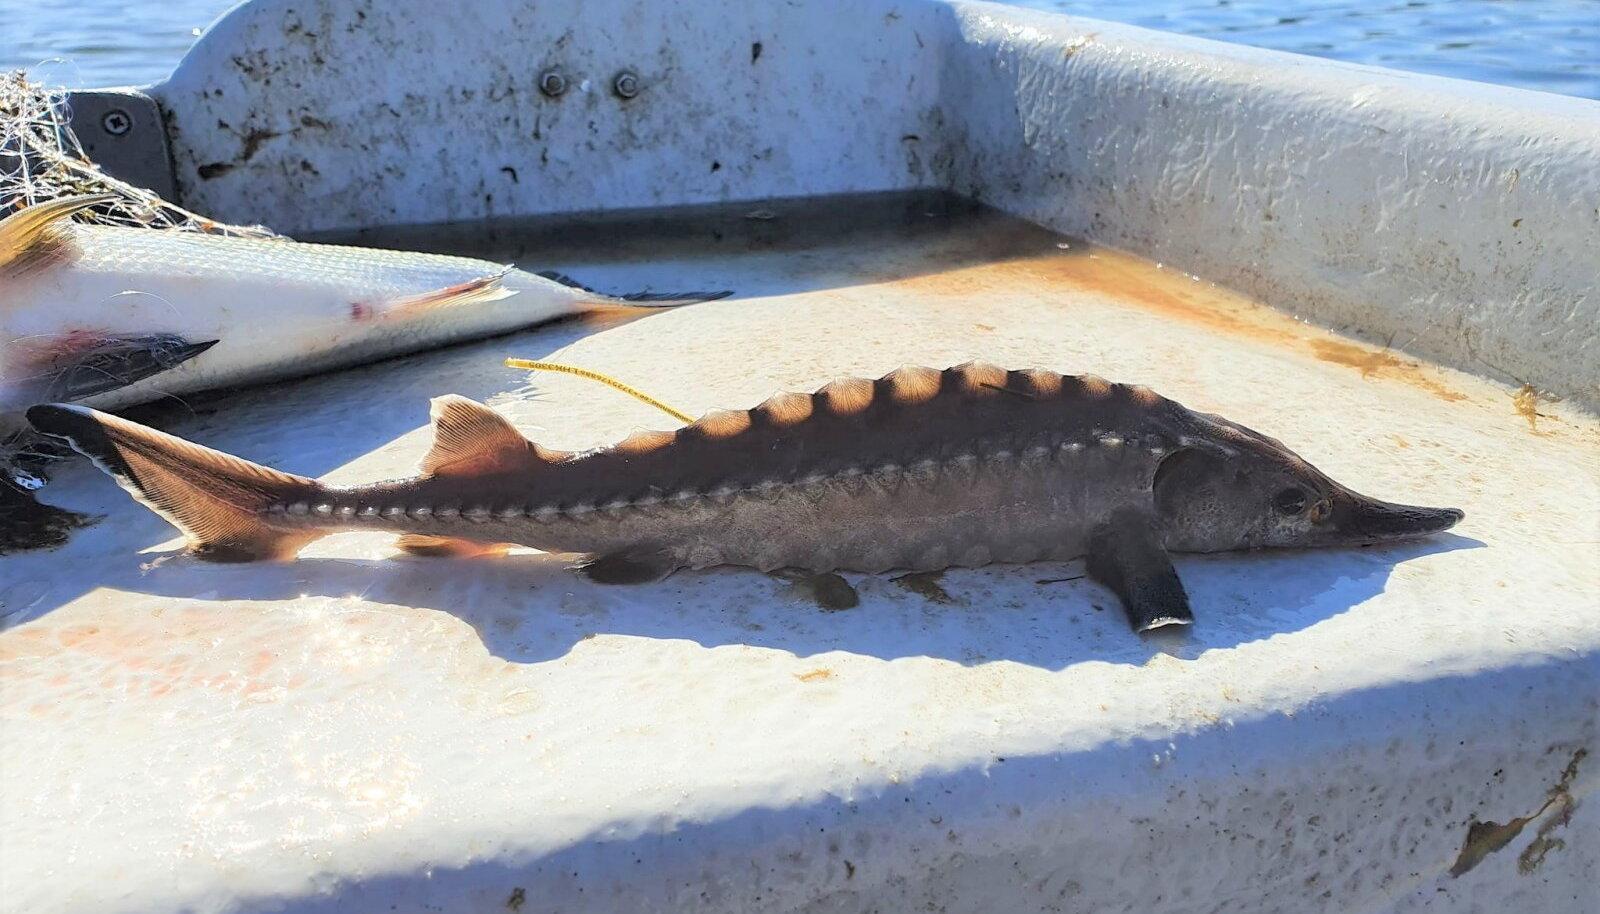 Eru lahes kaluri võrku sattunud märgistatud tuur, kes kohe ka vette tagasi lasti